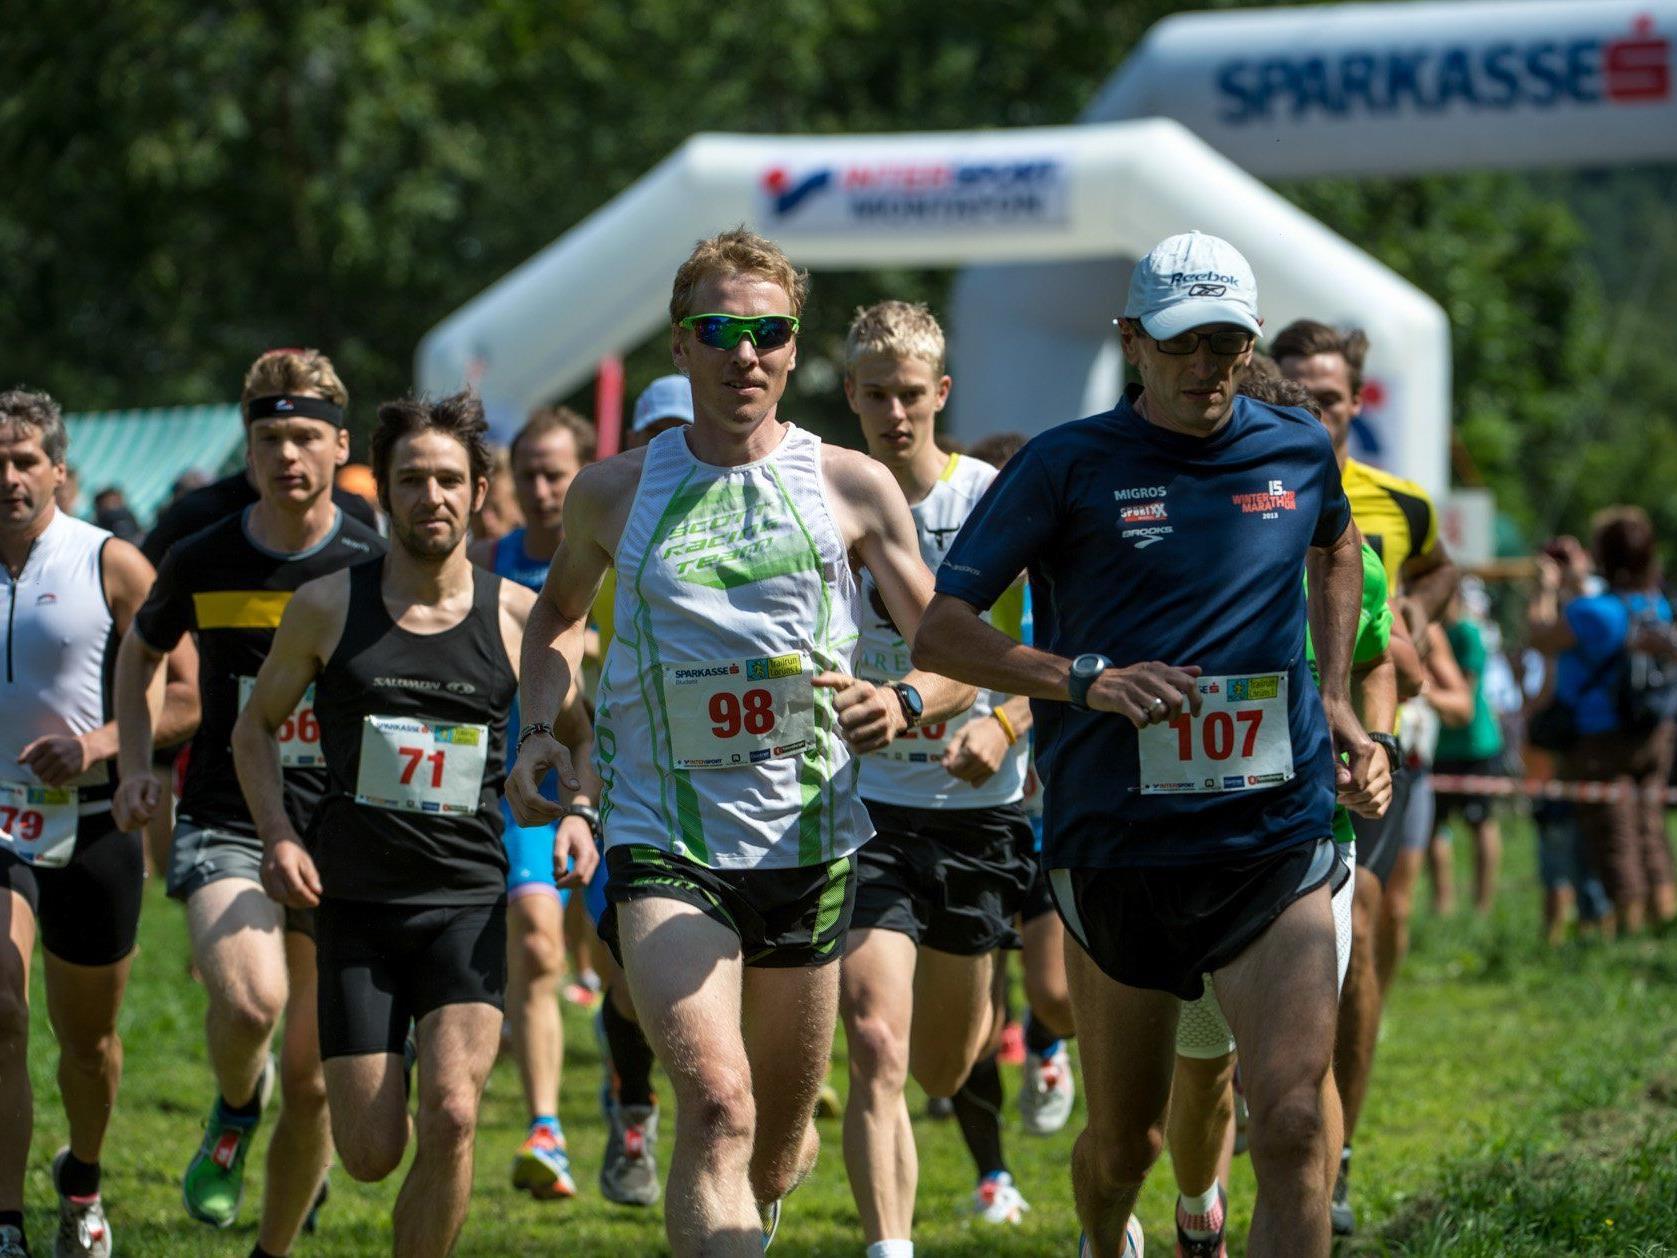 Die Veranstalter möchten heuer über 300 Läufer nach Lorüns locken